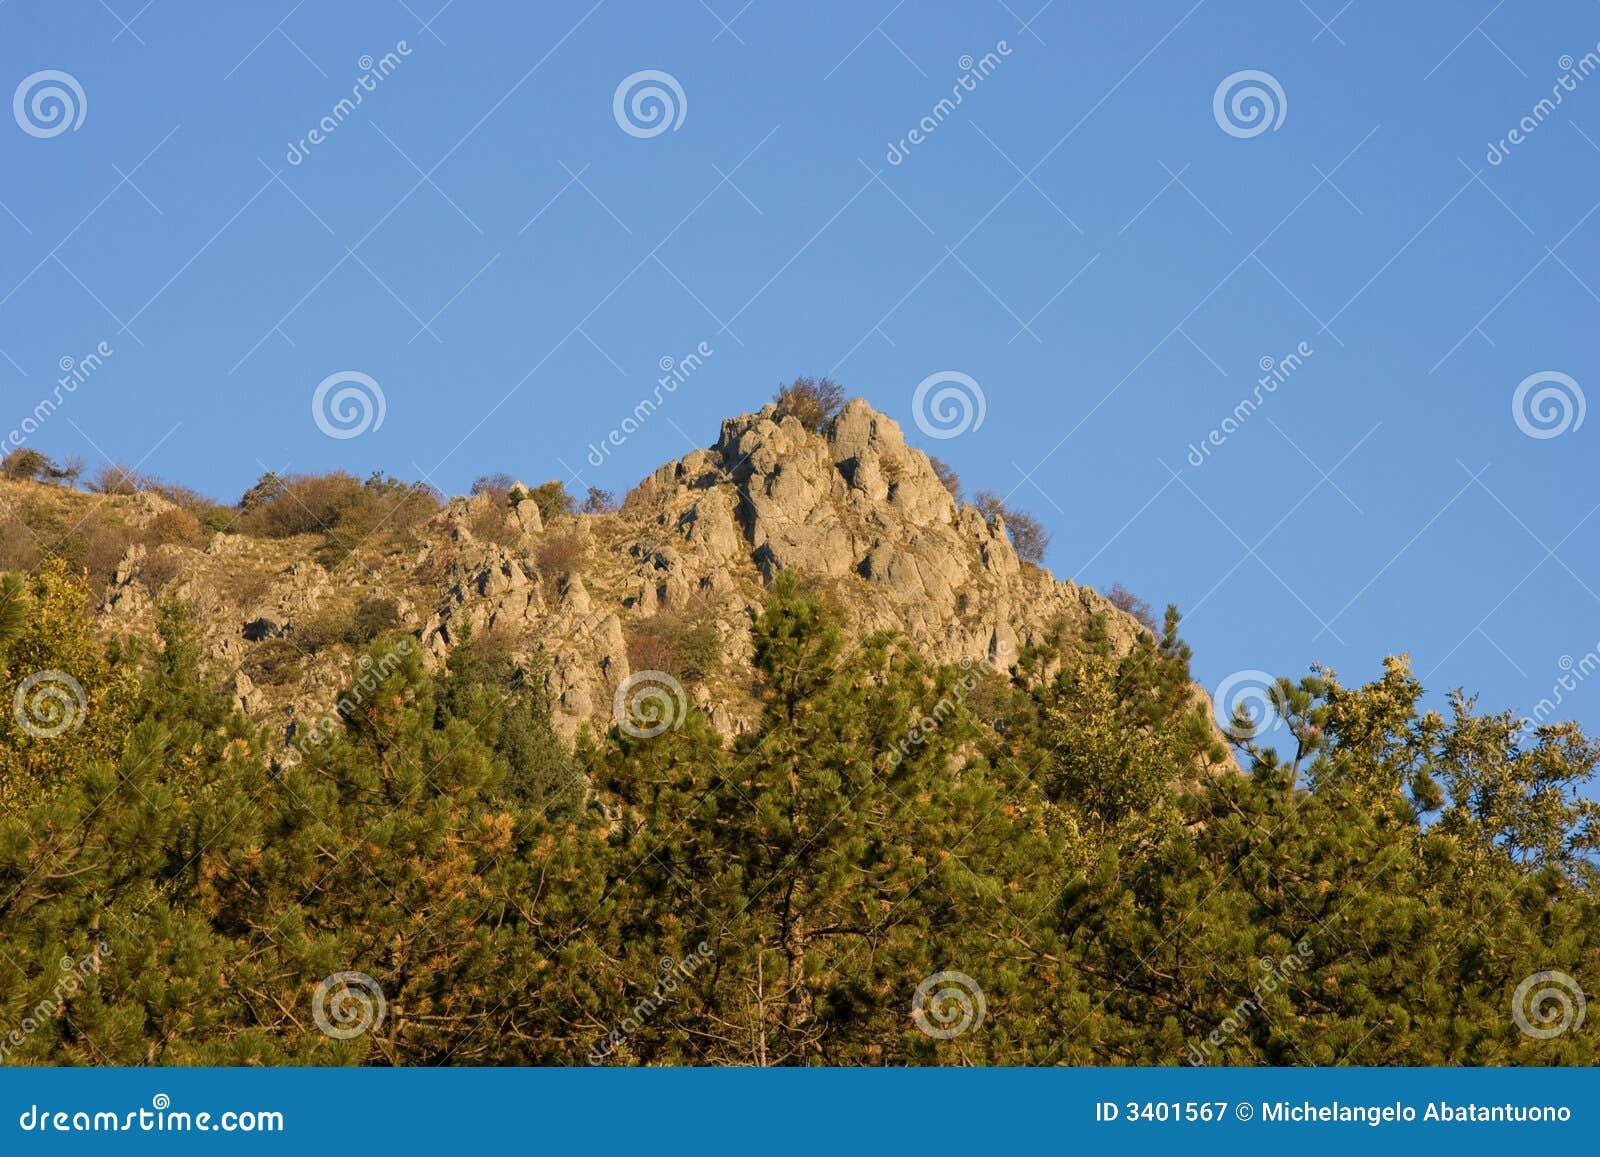 Apennines liggande